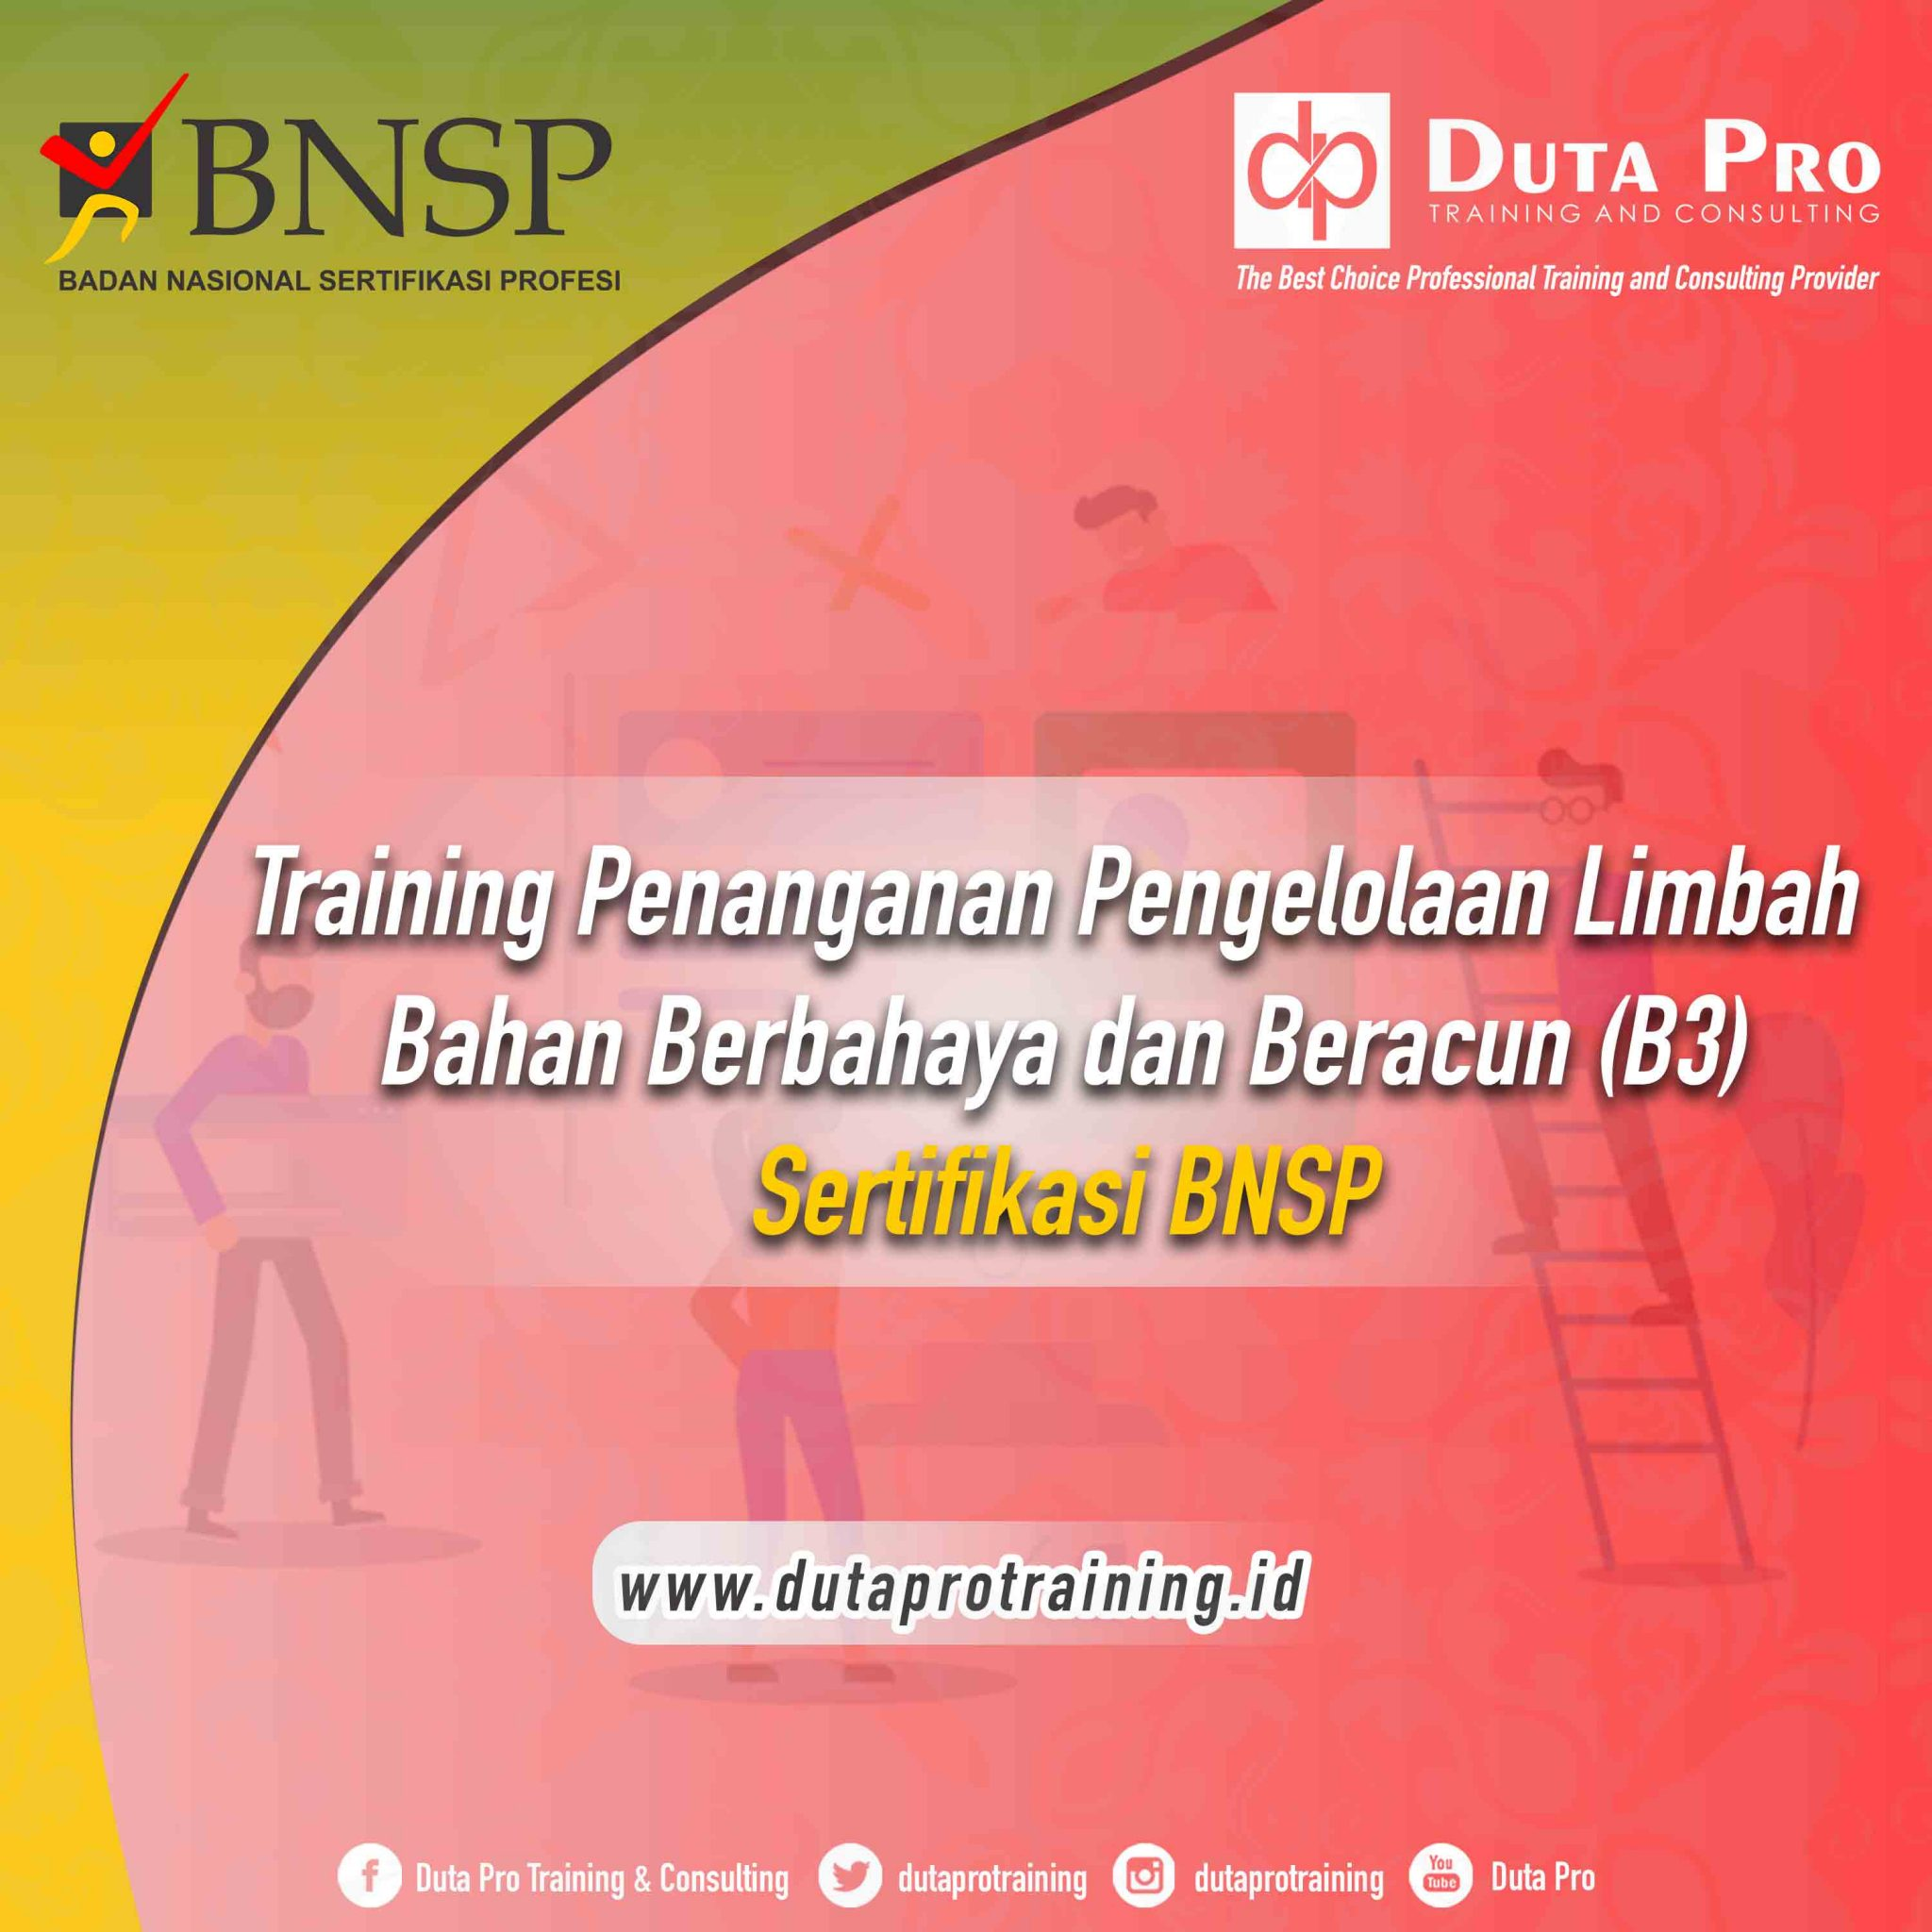 Training Penanganan Pengelolaan Limbah Bahan Berbahaya dan Beracun (B3)